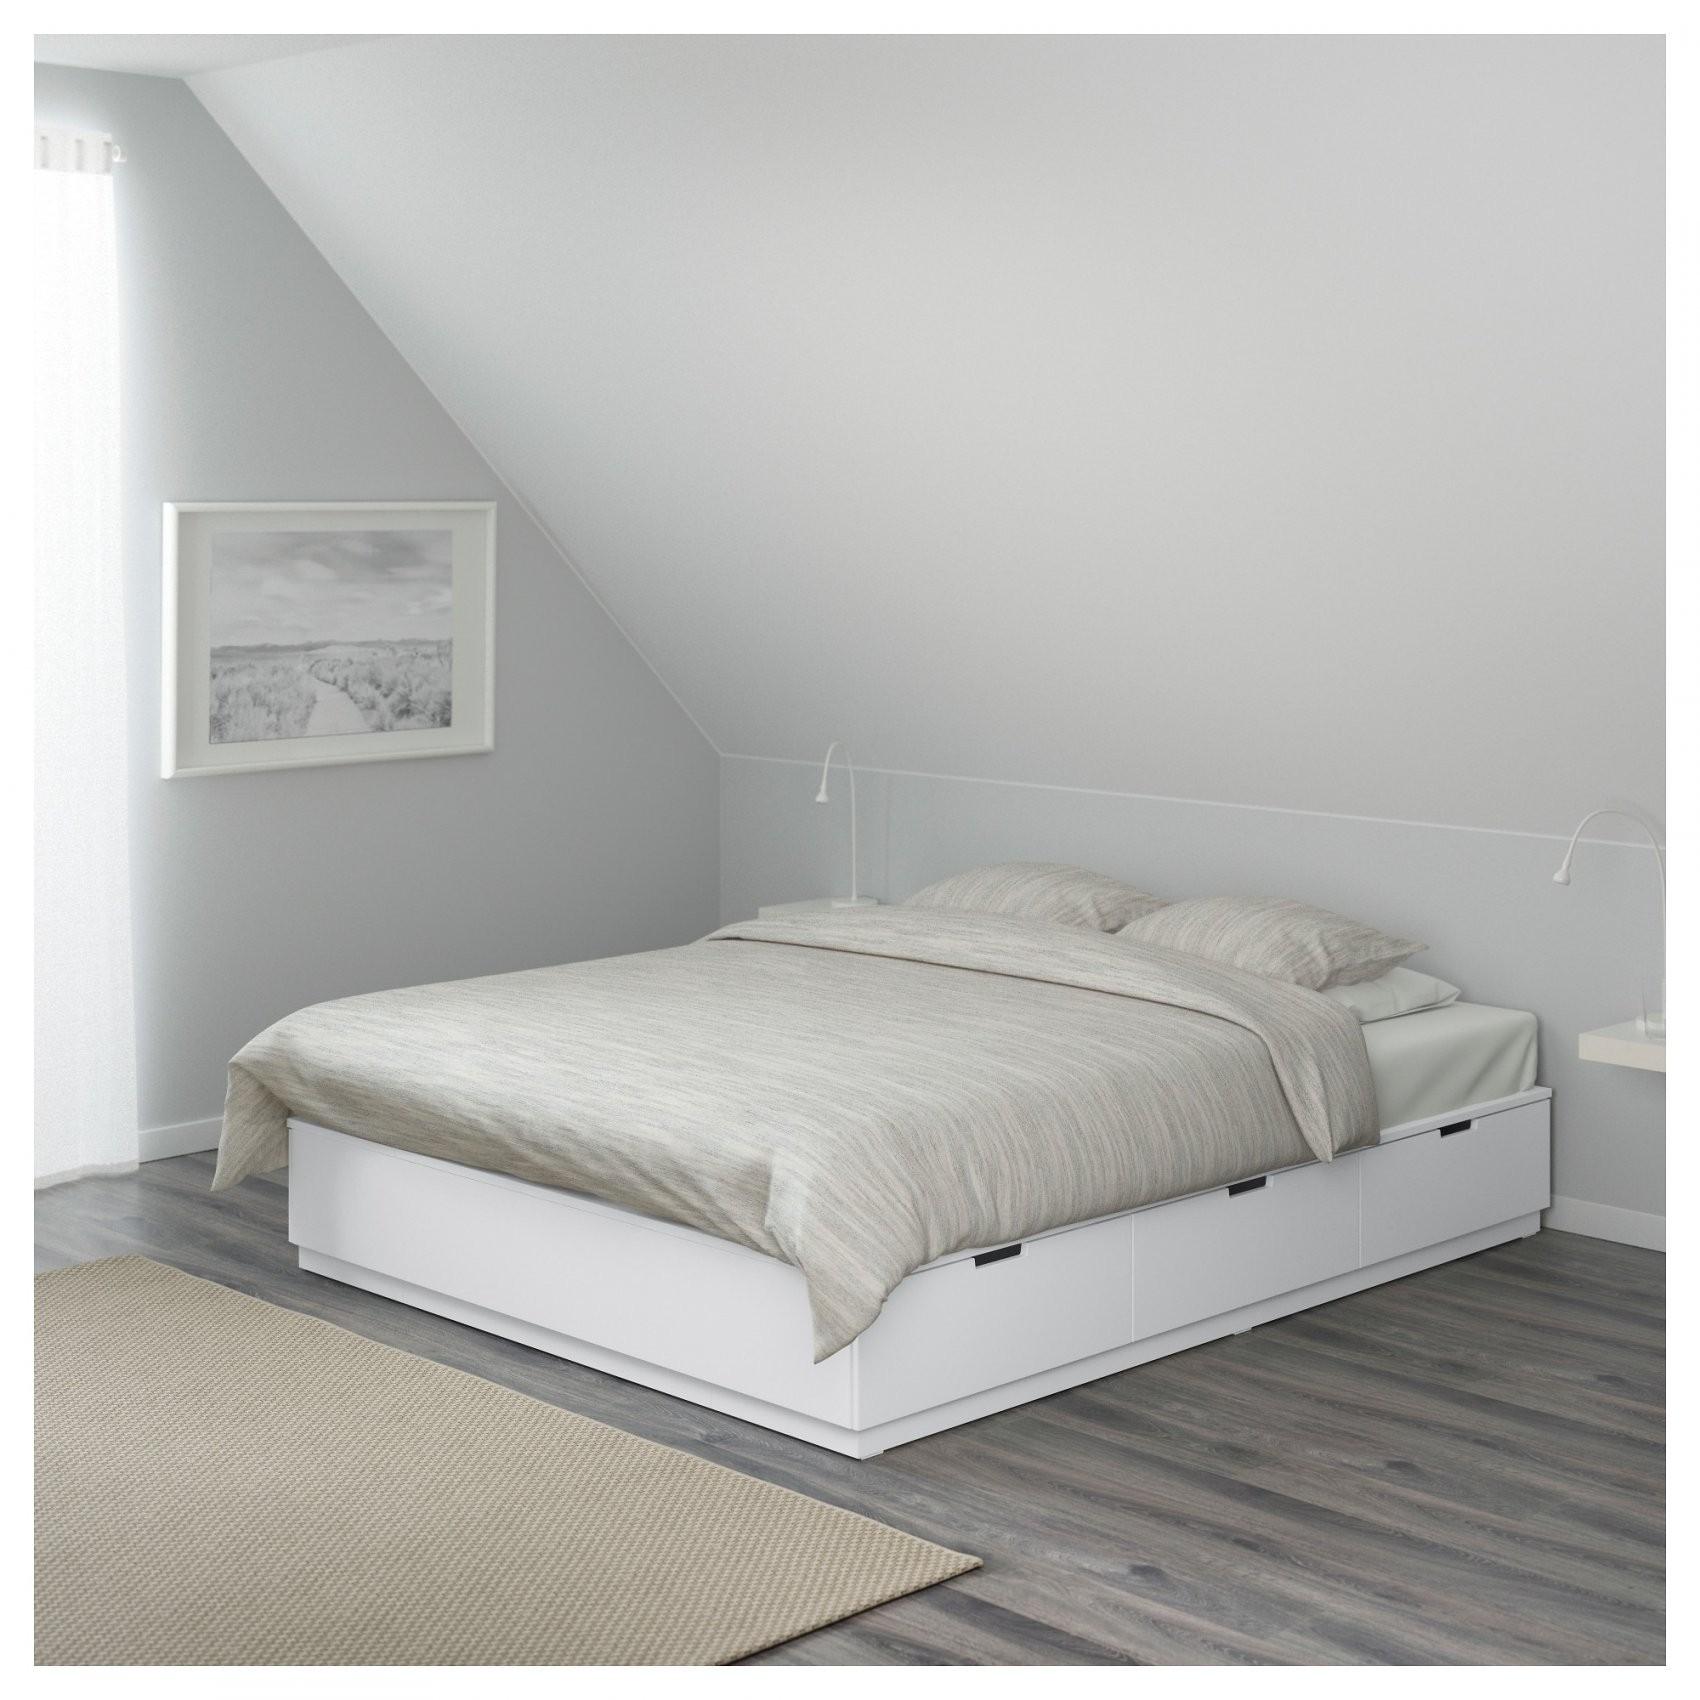 Nordli Bettgestell Mit Schubladen  140X200 Cm  Ikea von Bett Weiß 140X200 Ikea Bild